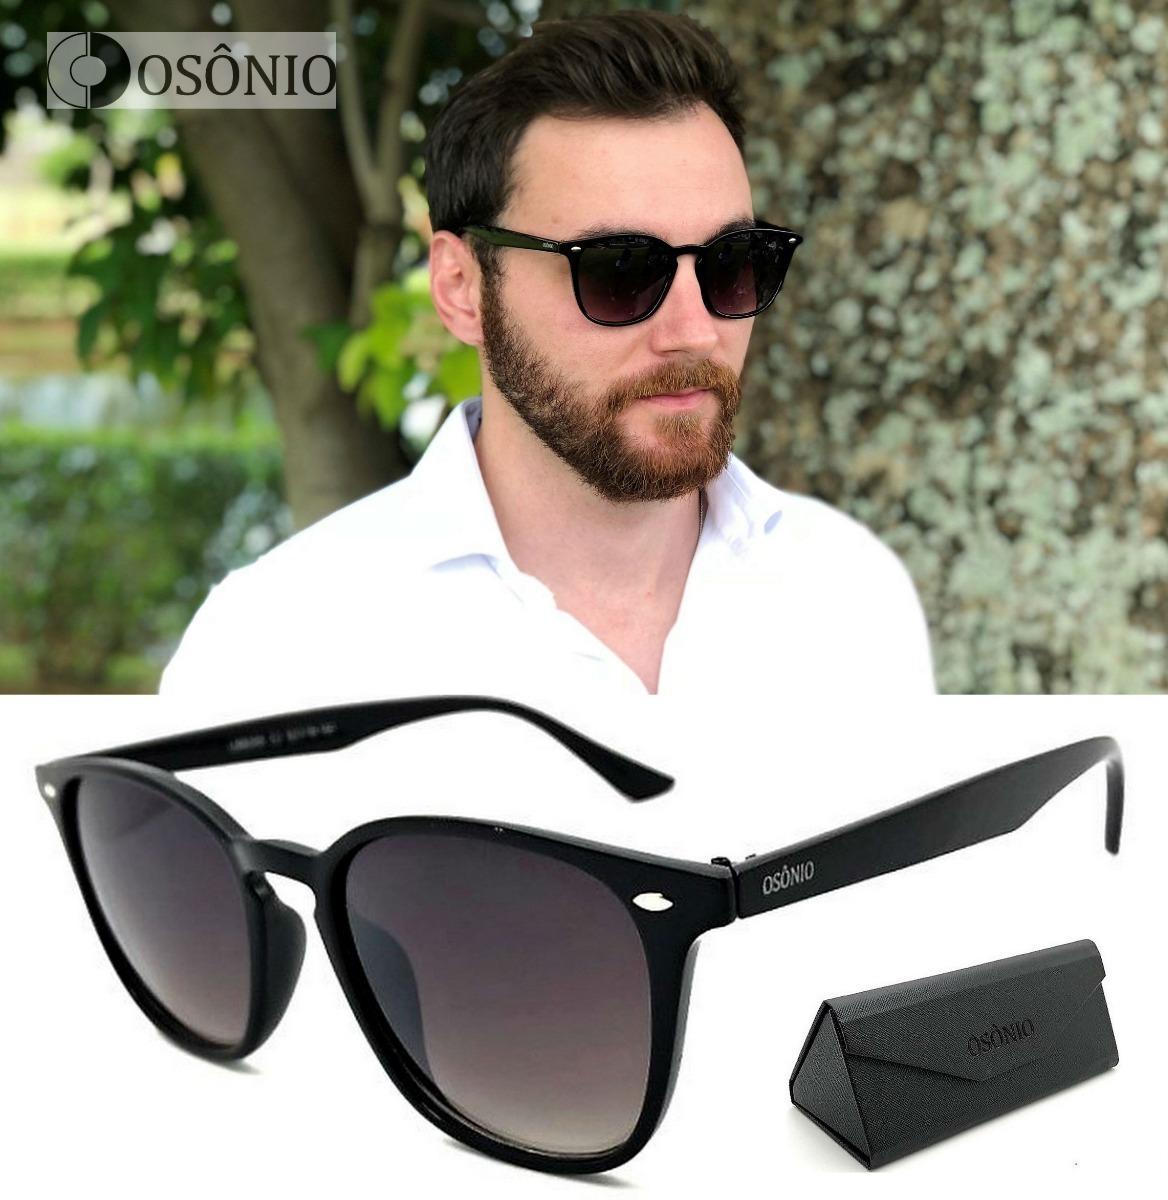 Oculos De Sol Solar Osônio Os05 Original Black Premium - R  70,00 em ... 13af35ebe9